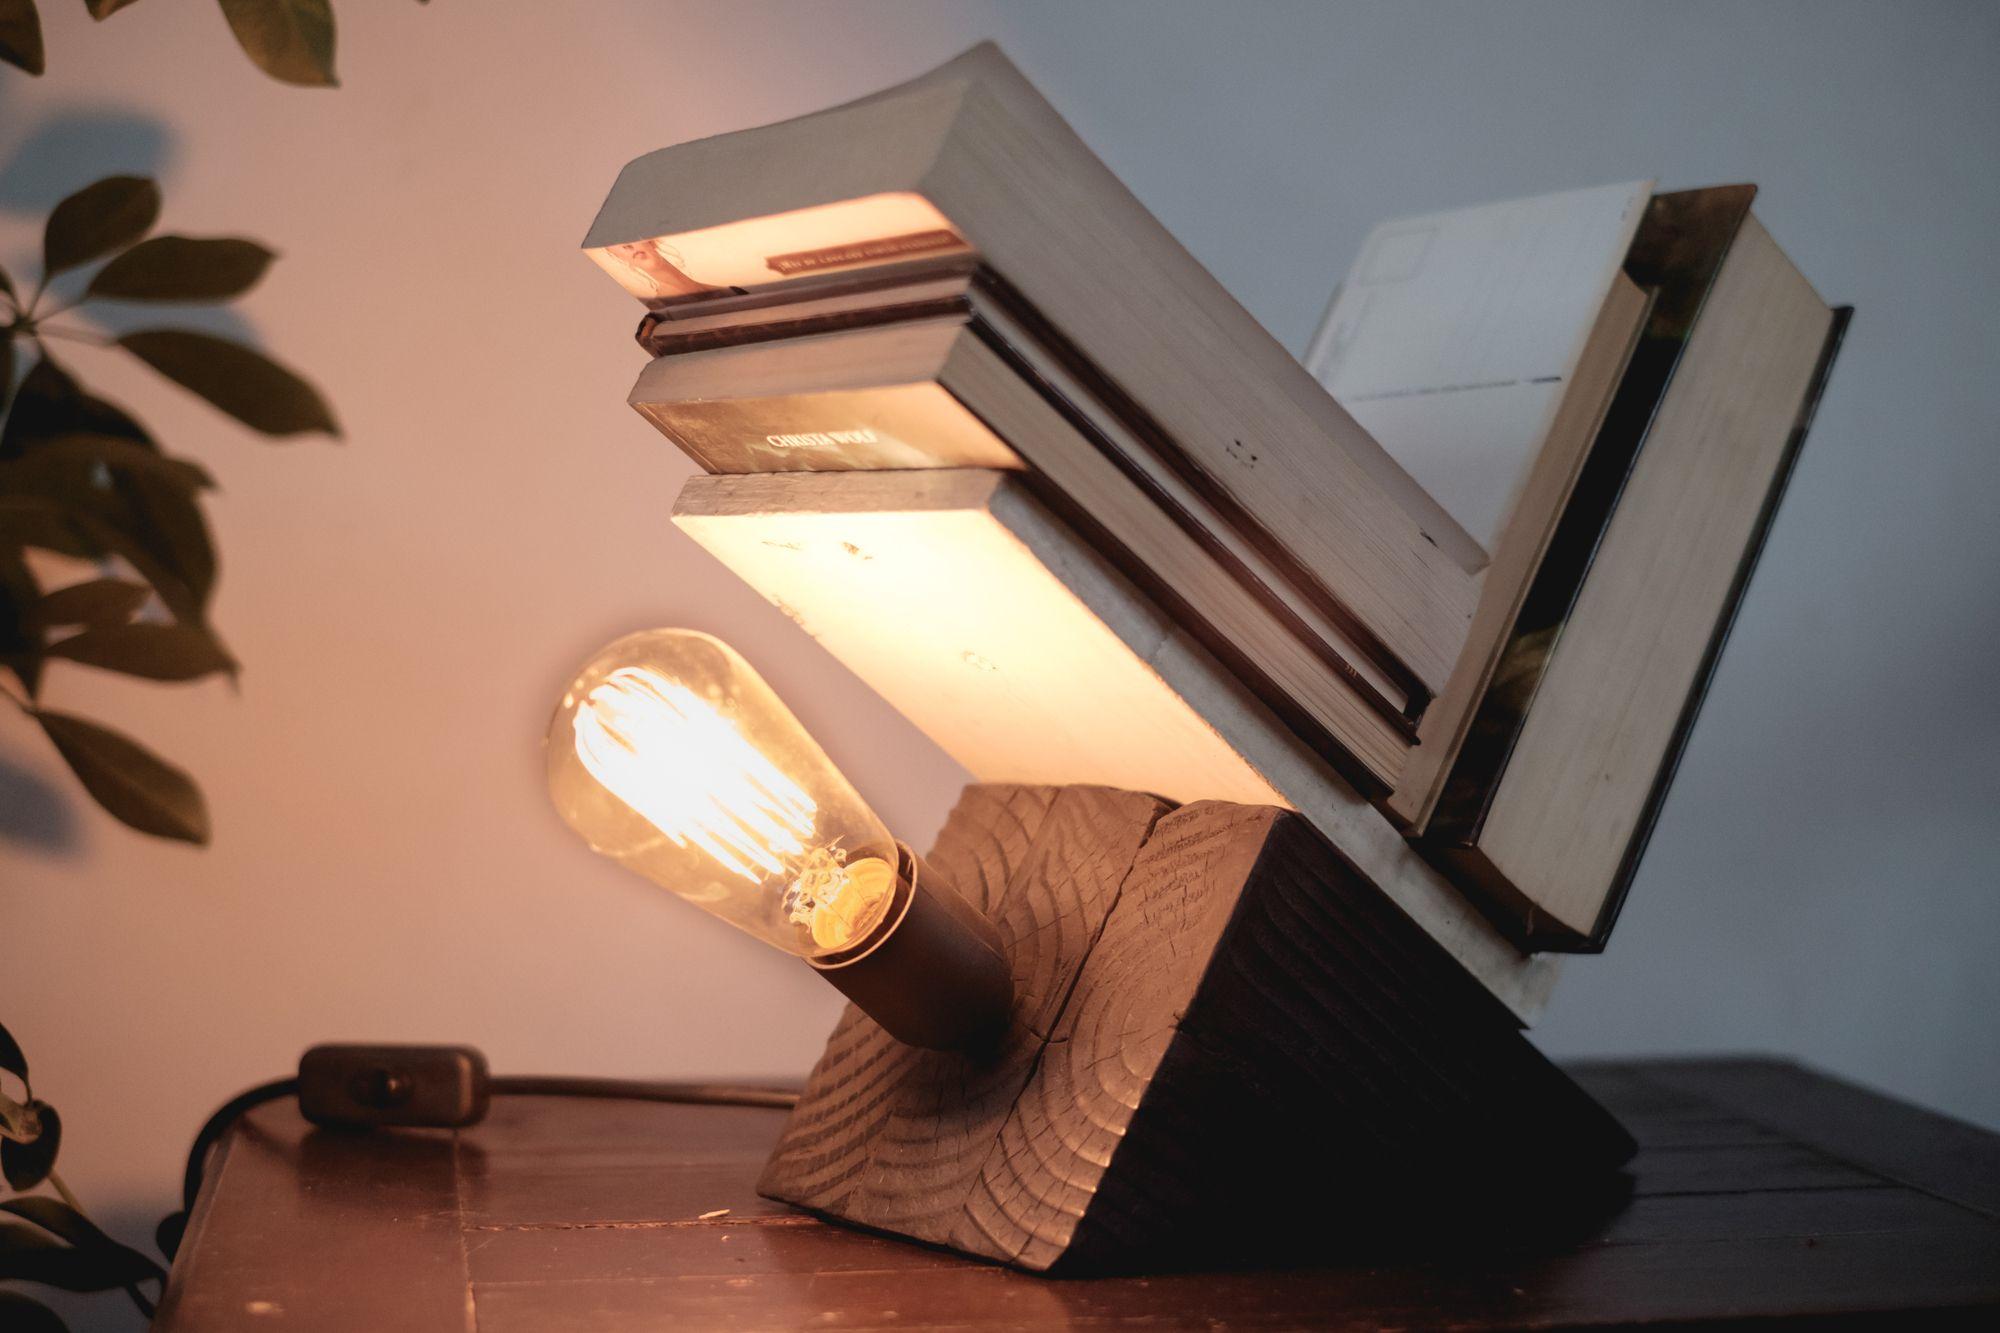 Una innovadora lámpara de madera quemada y hormigón armado por